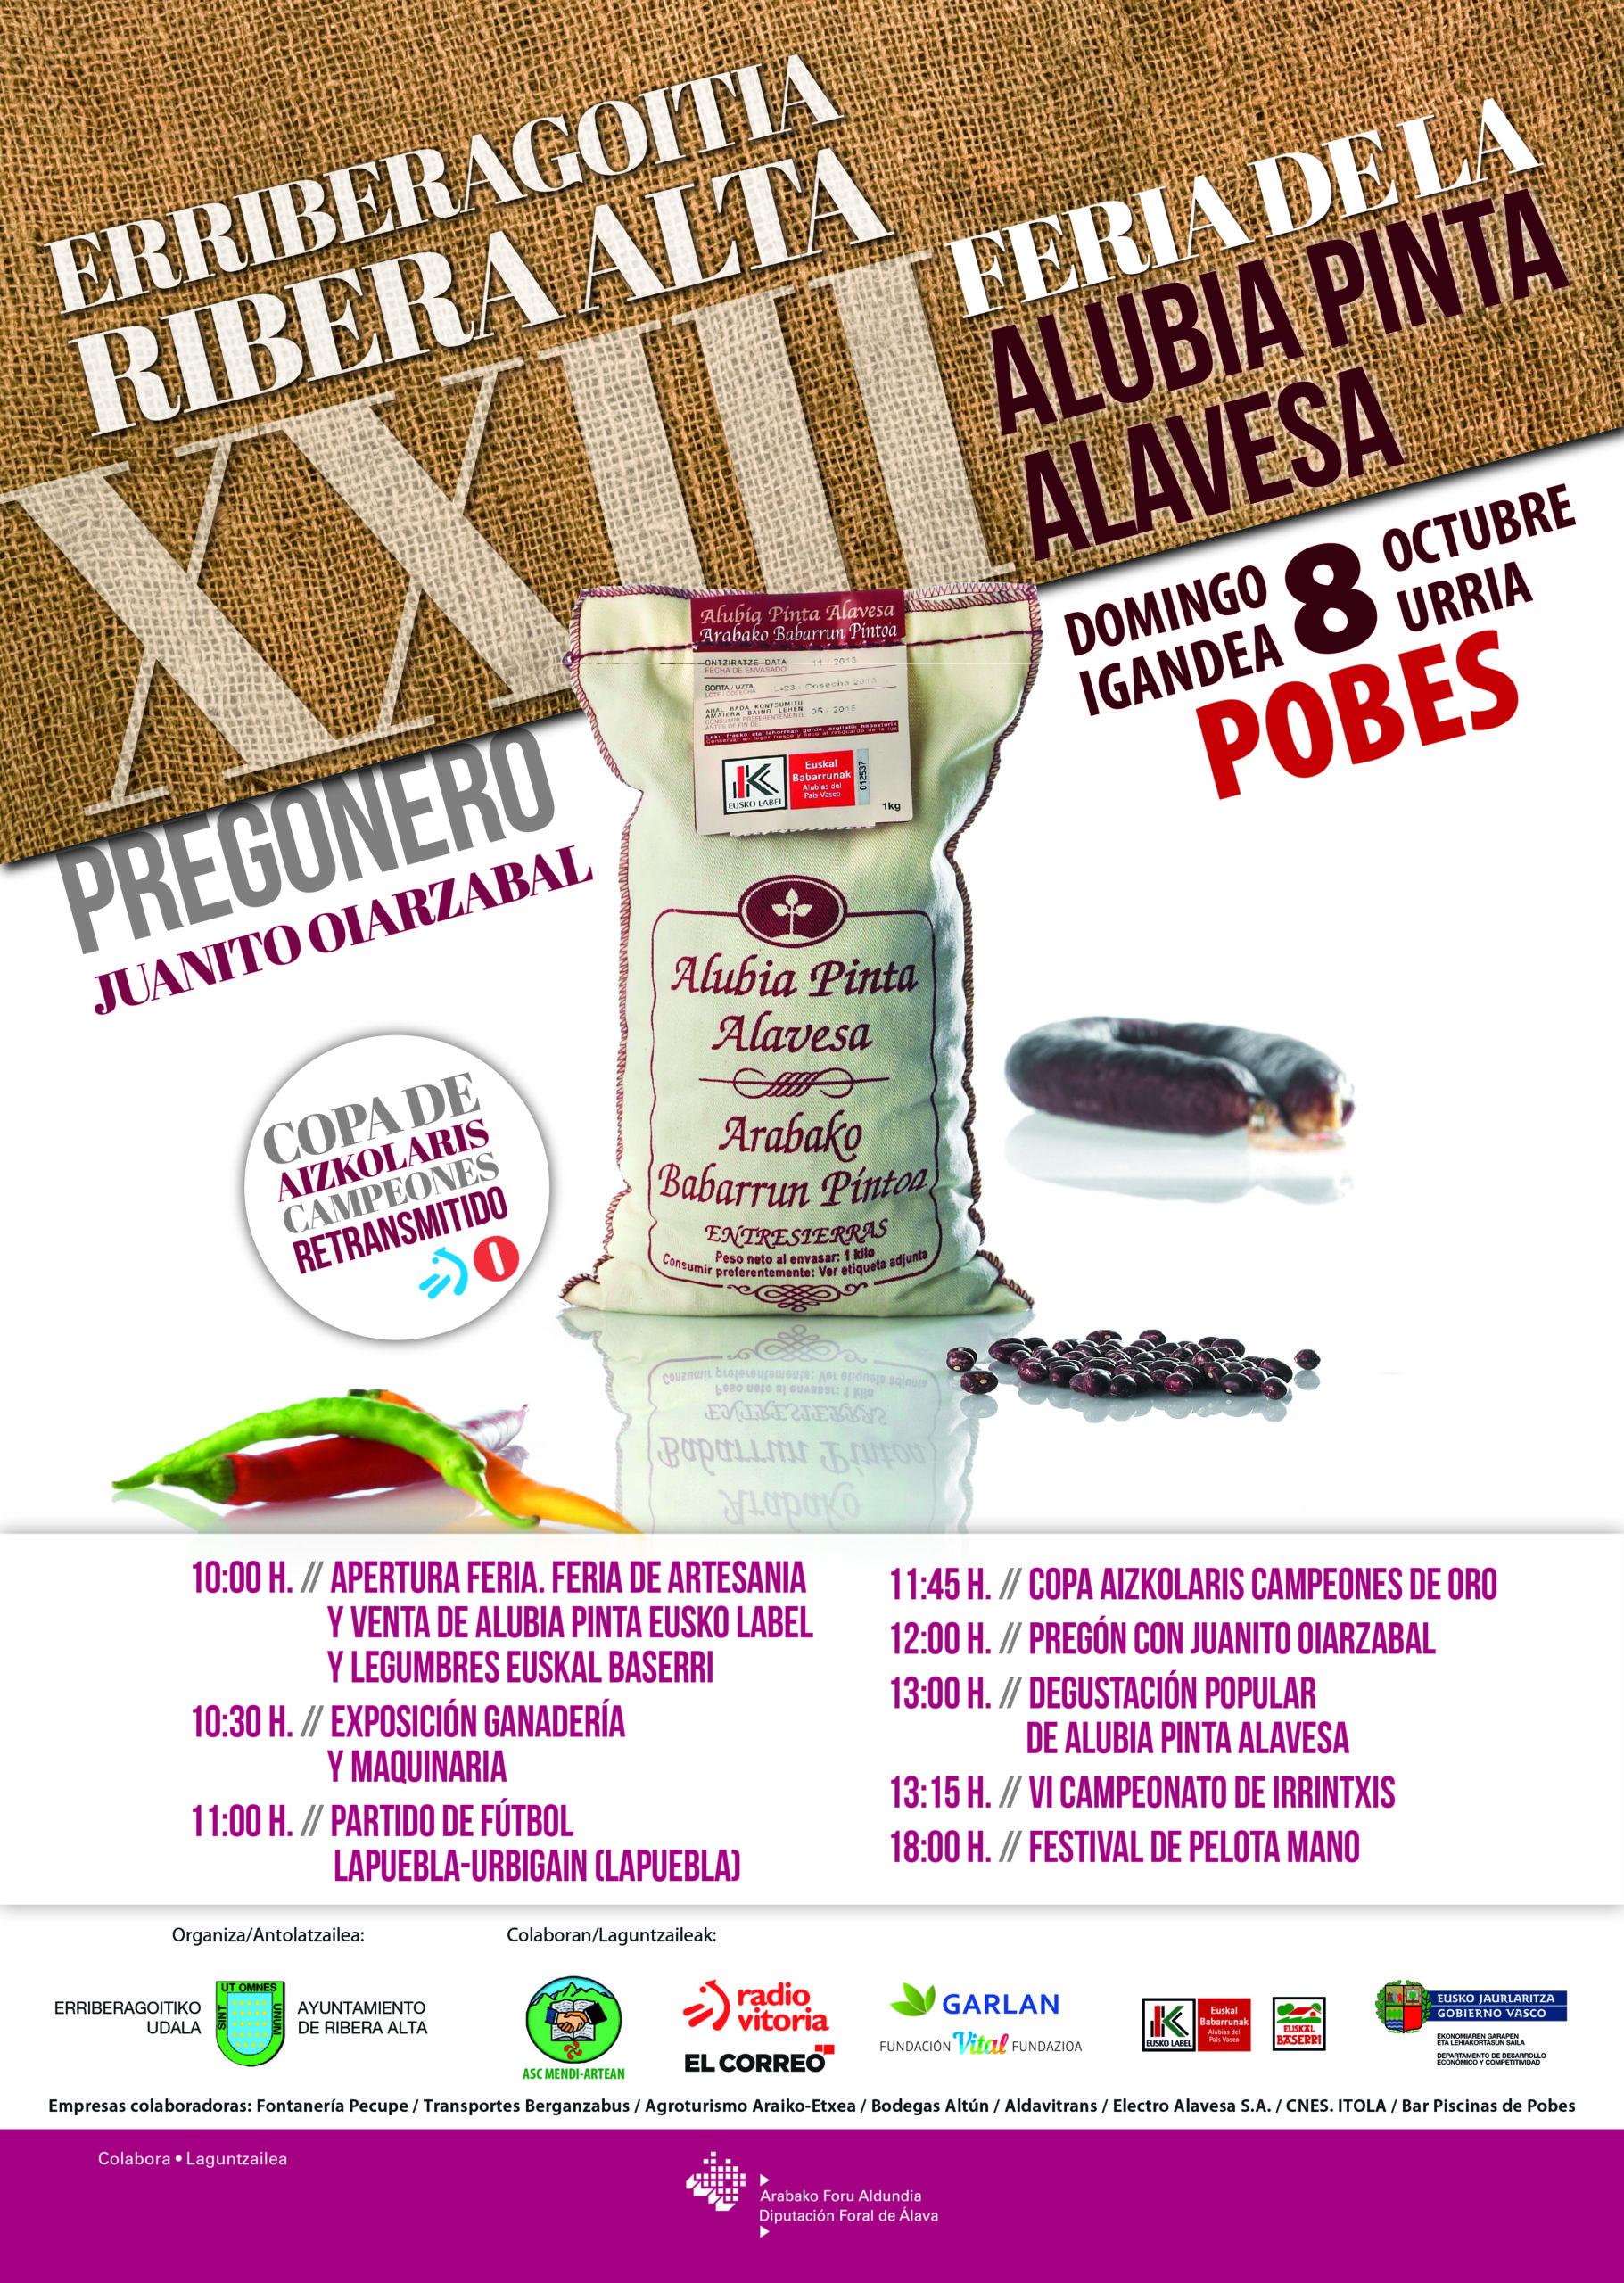 XXIII Feria de la Alubia Pinta Alavesa y legumbres de Álava (Pobes) , domingo 8 octubre 2017